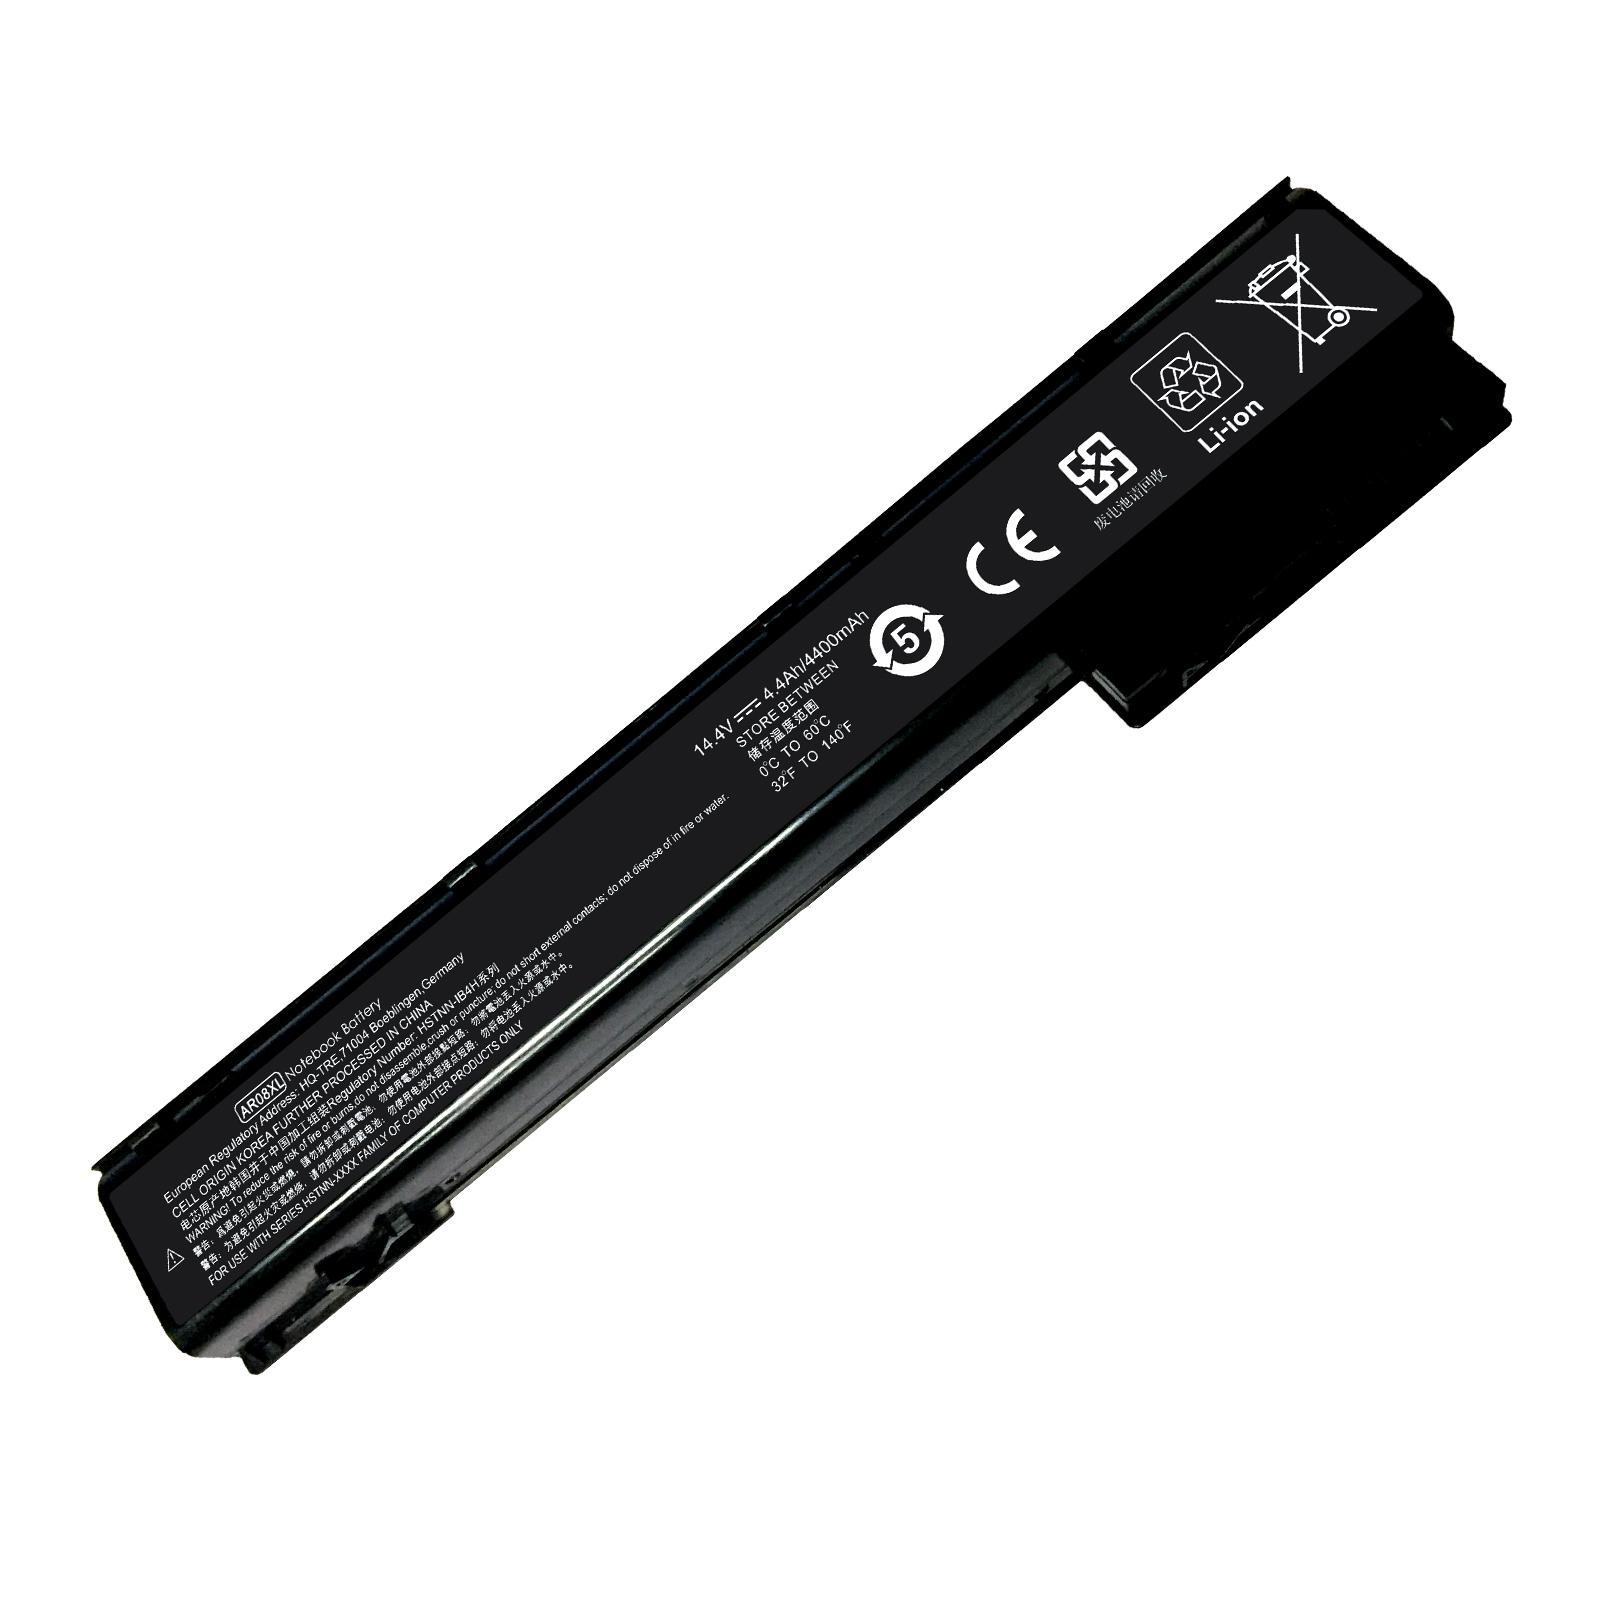 Superb Choice® 8-cell Battery for HP Zbook 15, 17, 15 G1, 15 G2, 17 G1, 17 G2, PN: AR08 AR08XL